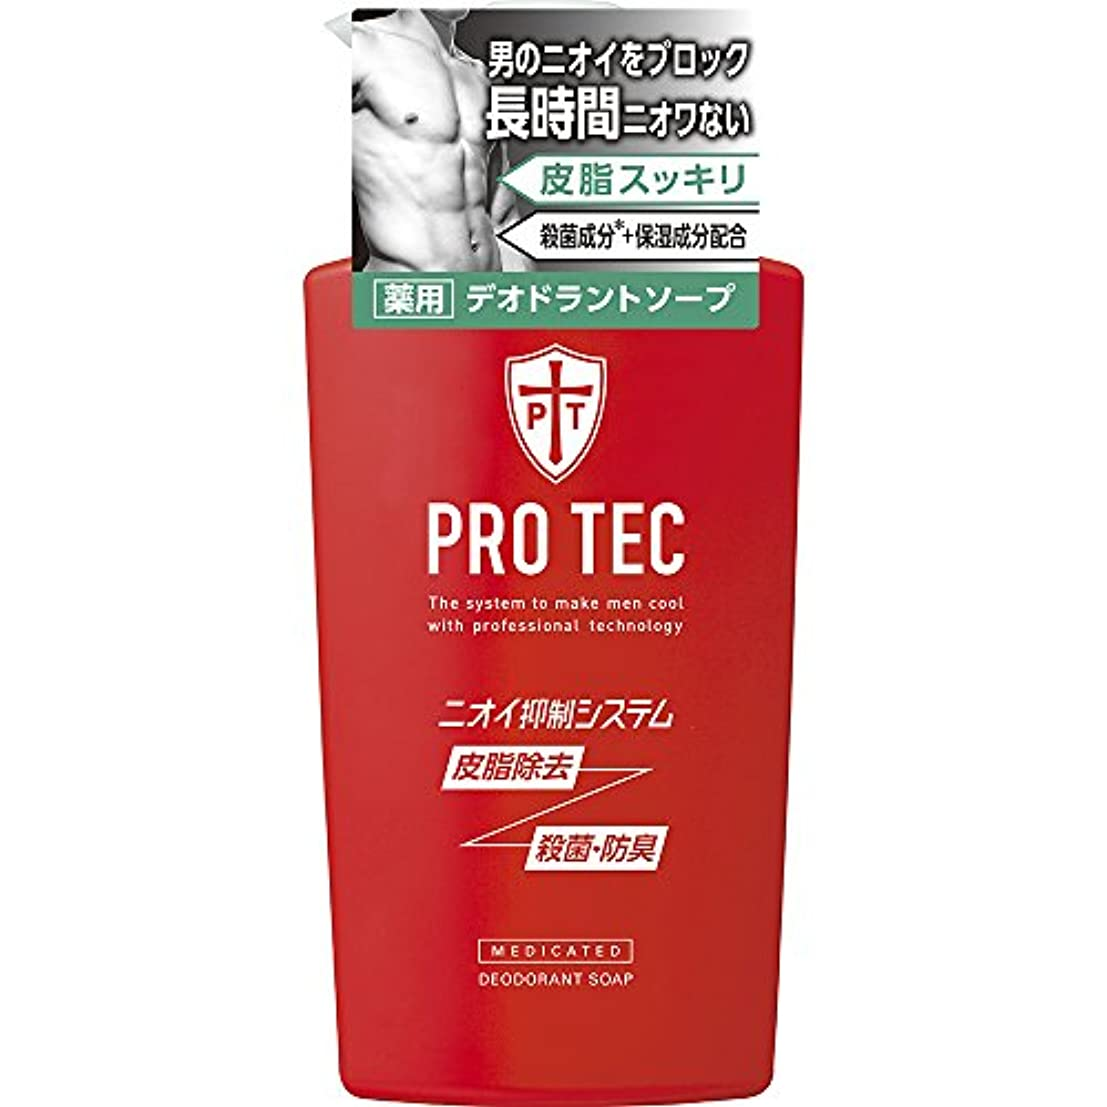 インレイコンピューターゲームをプレイする予防接種PRO TEC(プロテク) デオドラントソープ 本体ポンプ 420ml